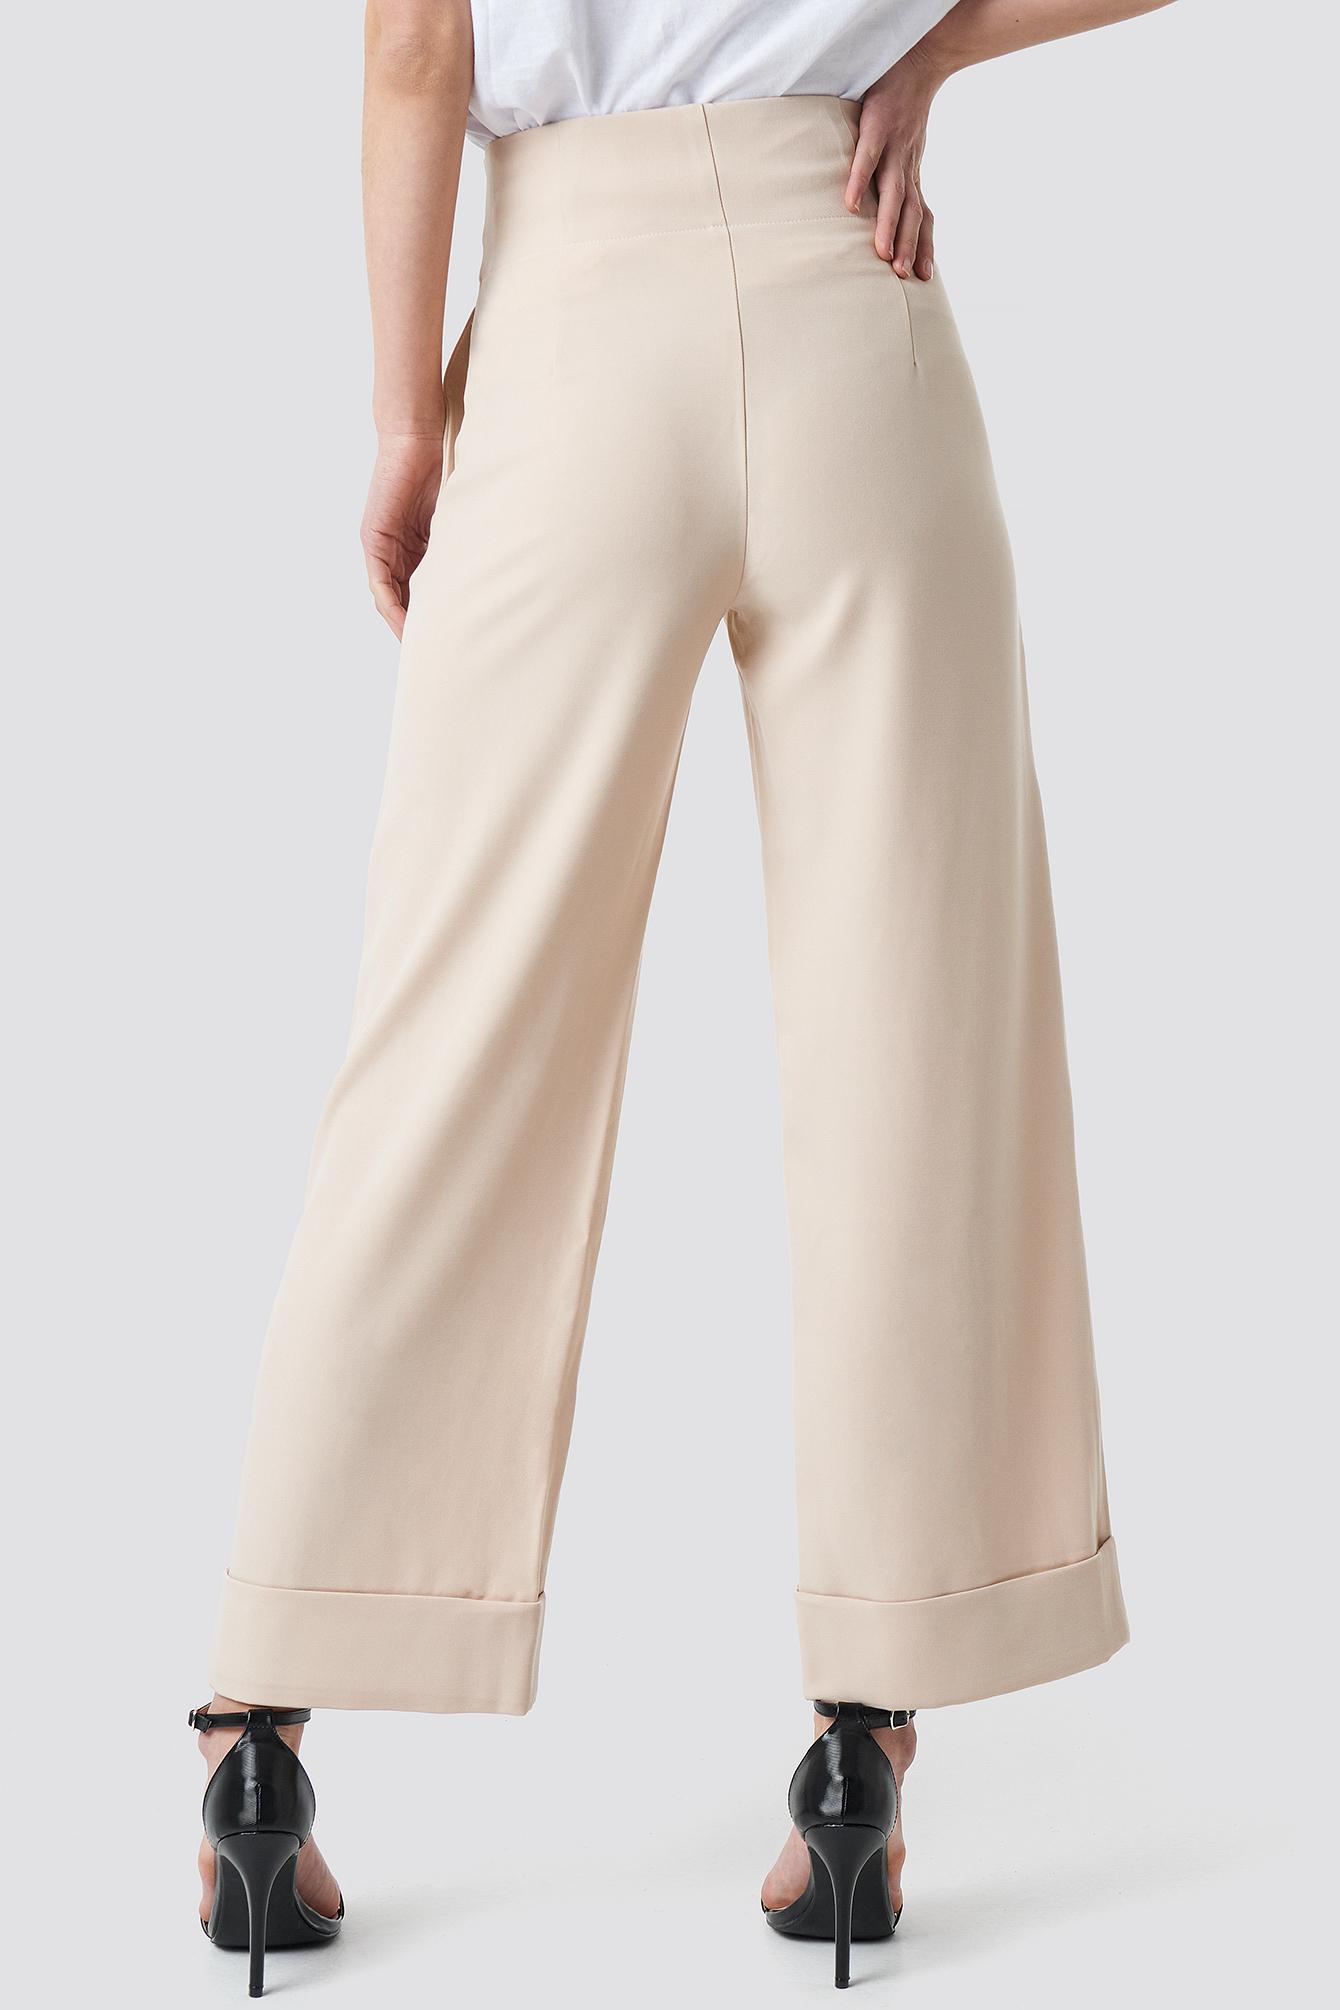 Fold Up Shirred Detail Pants NA-KD.COM